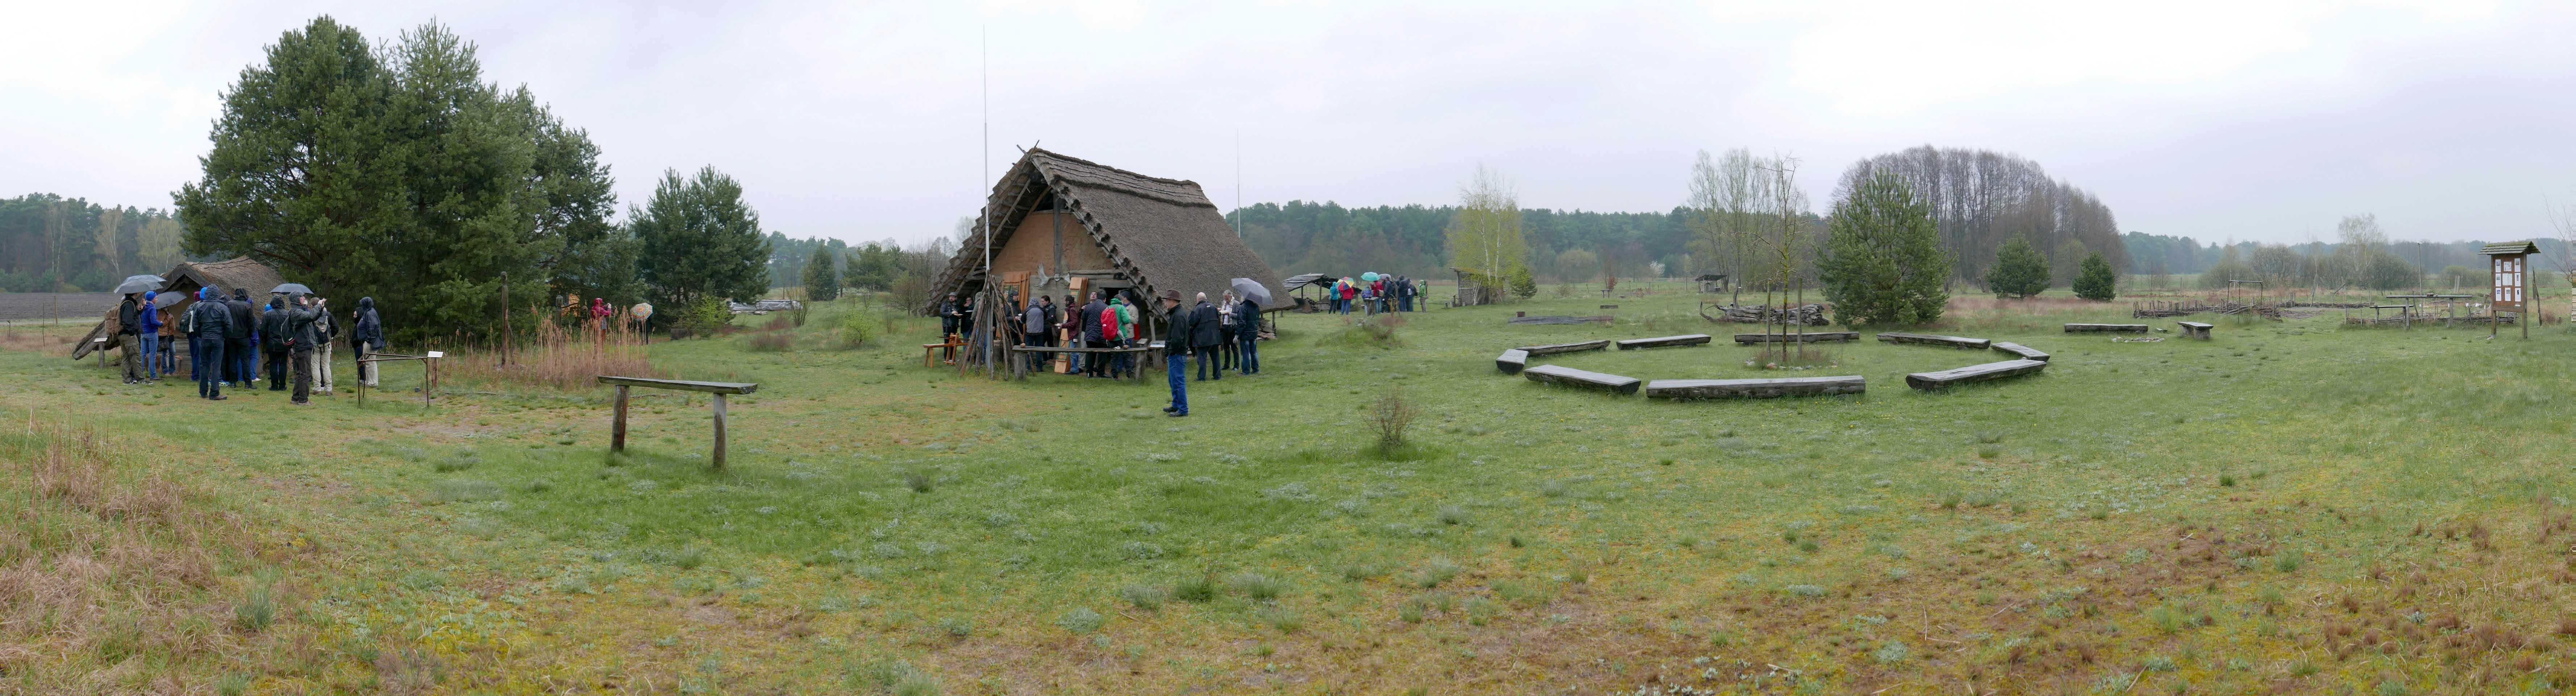 """Exkursion während der Tagung """"Vom Drunter und Drüber"""". Foto: M. Rummer"""